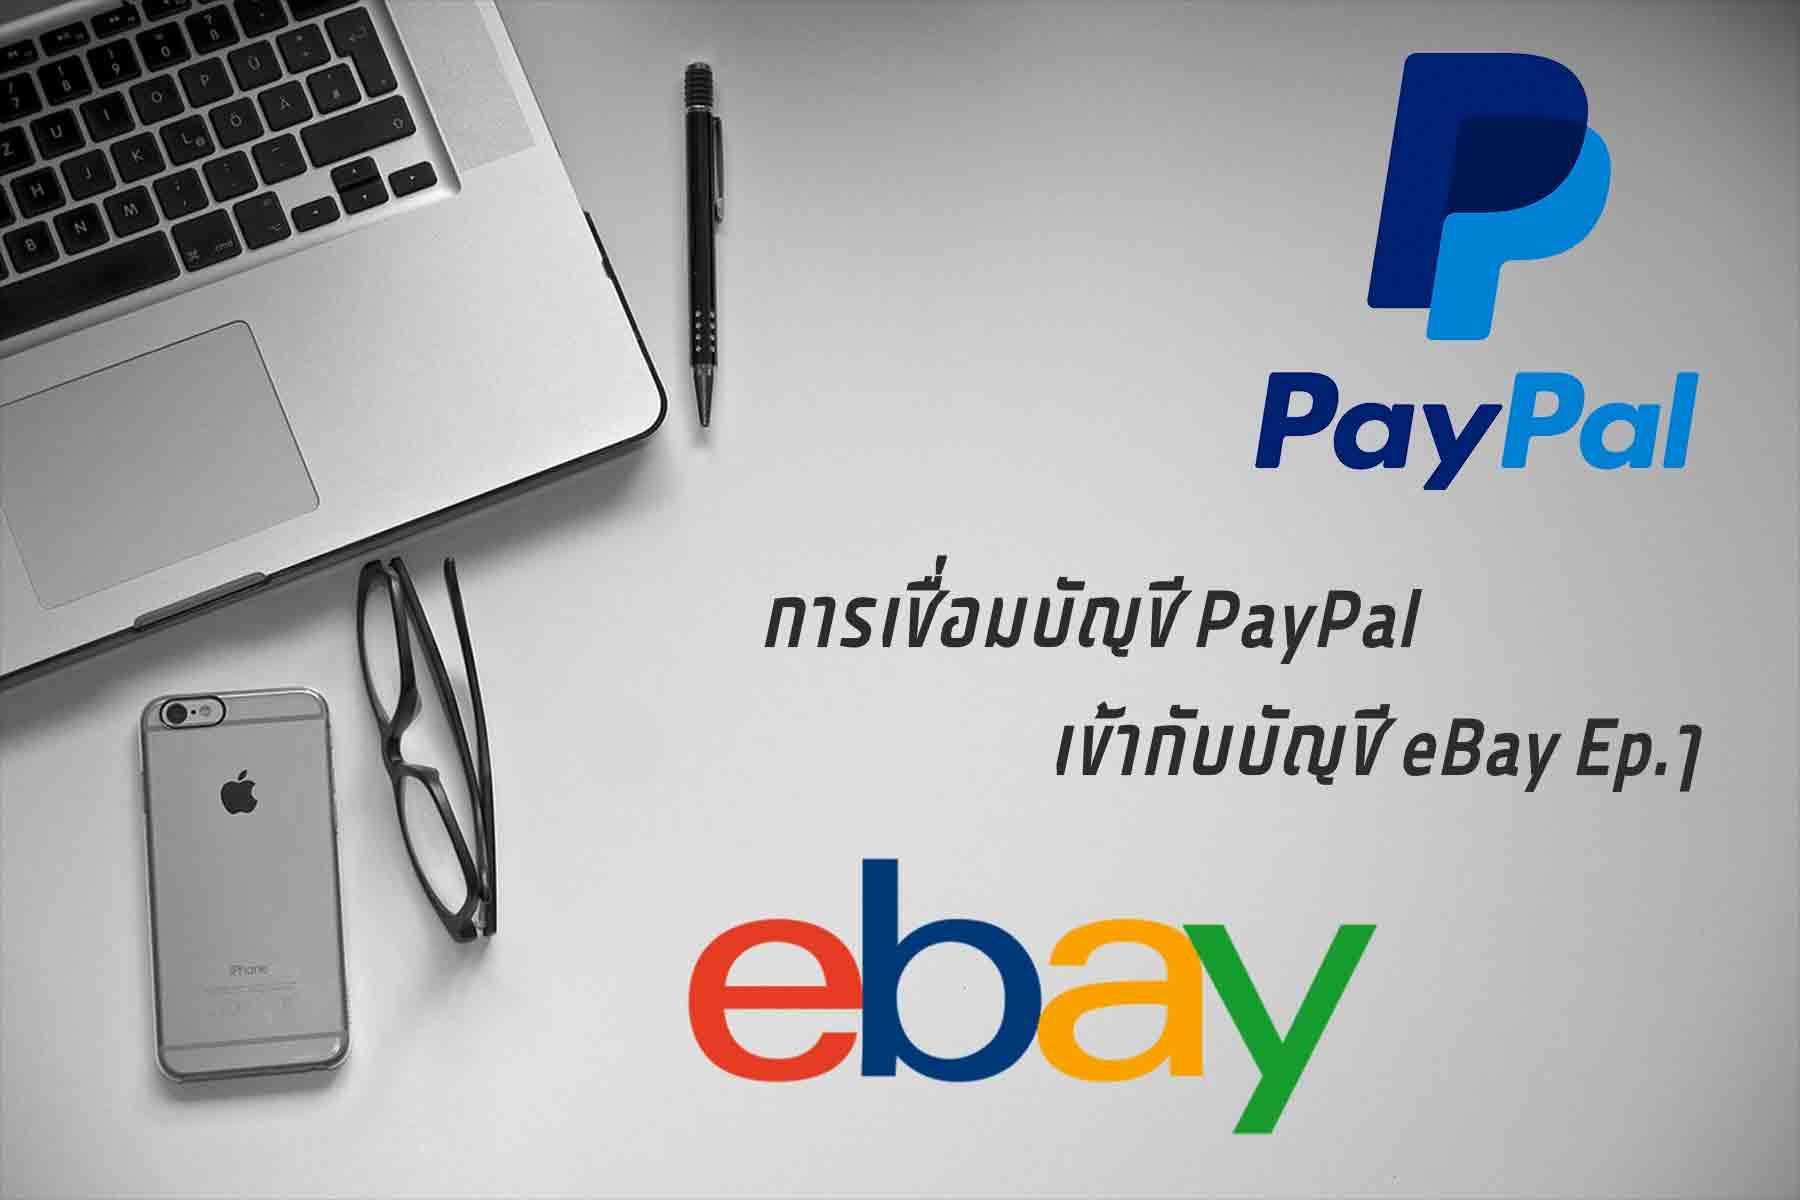 การเชื่อมบัญชี PayPal เข้ากับบัญชี eBay Ep.1